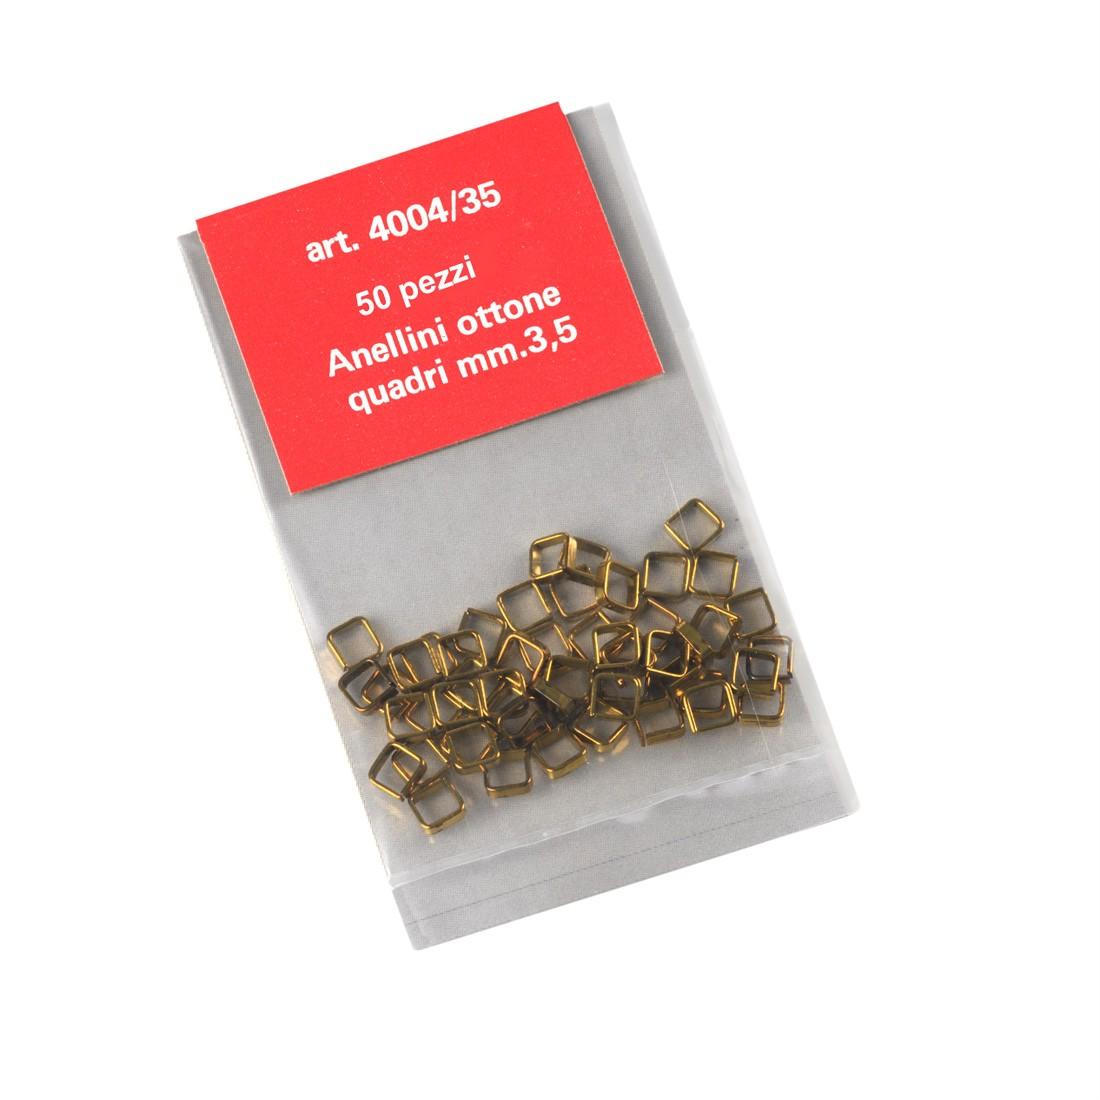 Anillos cuadrados de latón mm.3,5